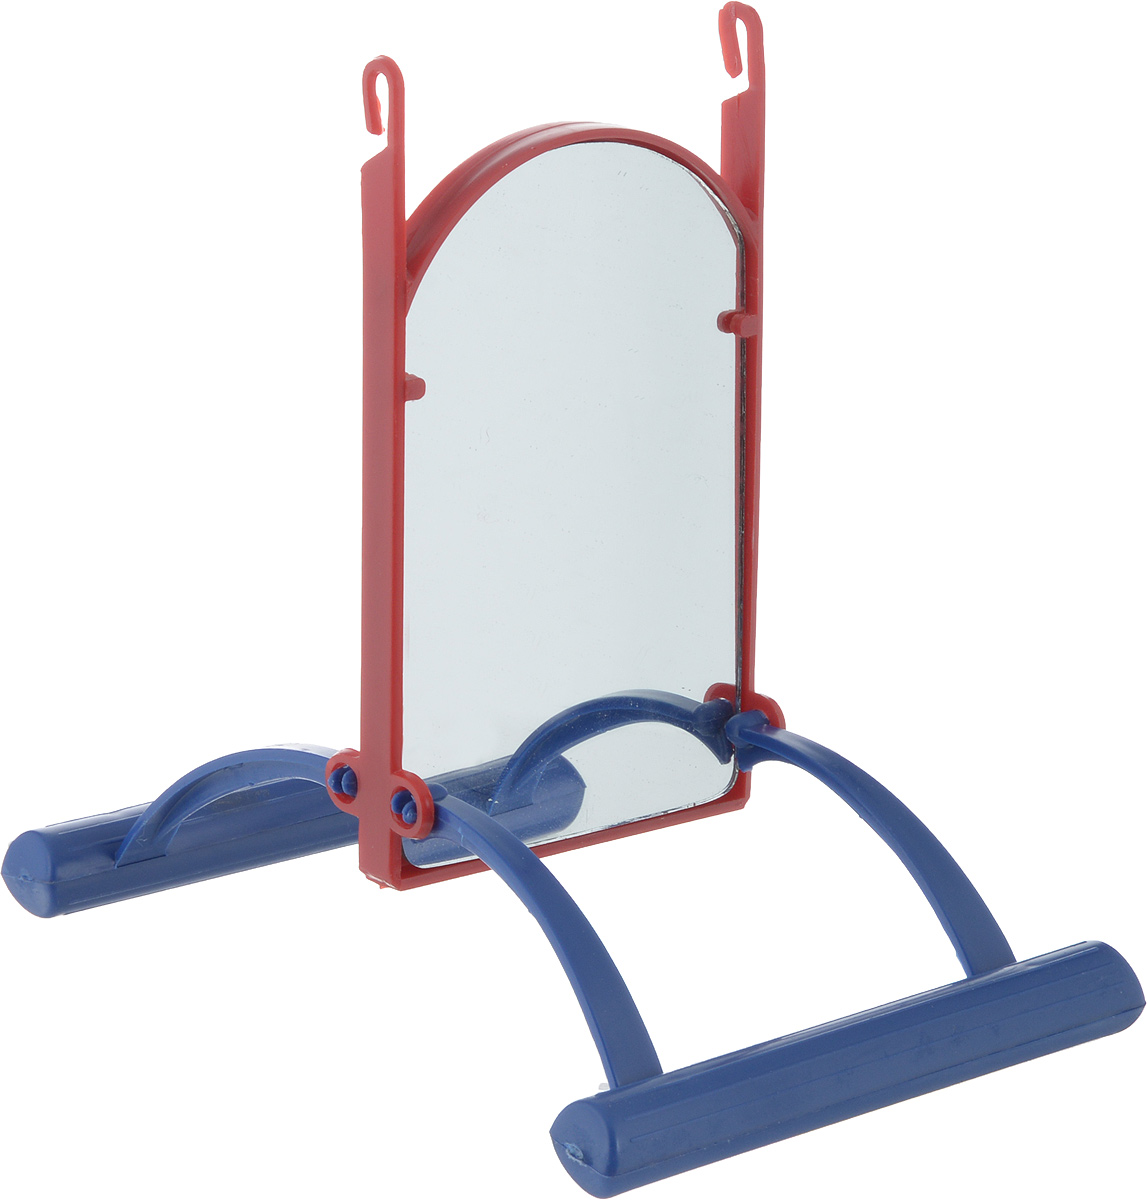 Зеркало для попугая Trixie, цвет: синий, красный, вид 2, 13 см